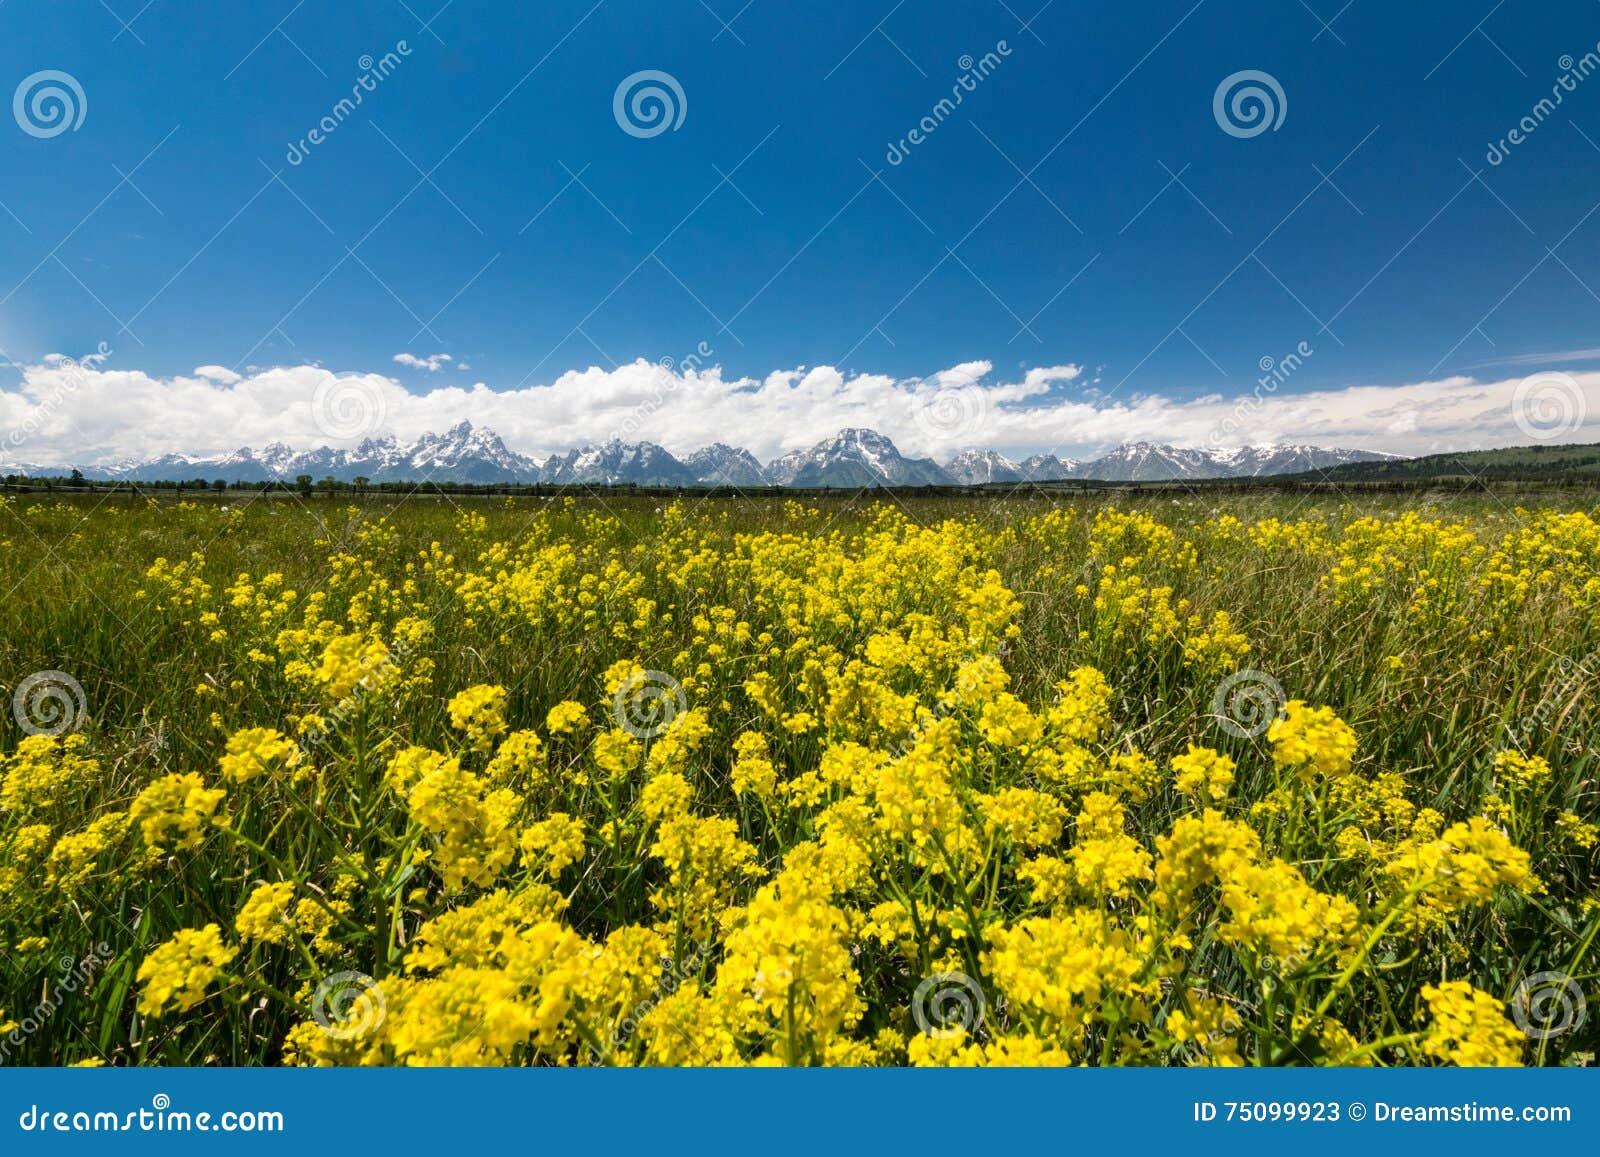 Prati gialli al grande parco nazionale del teton